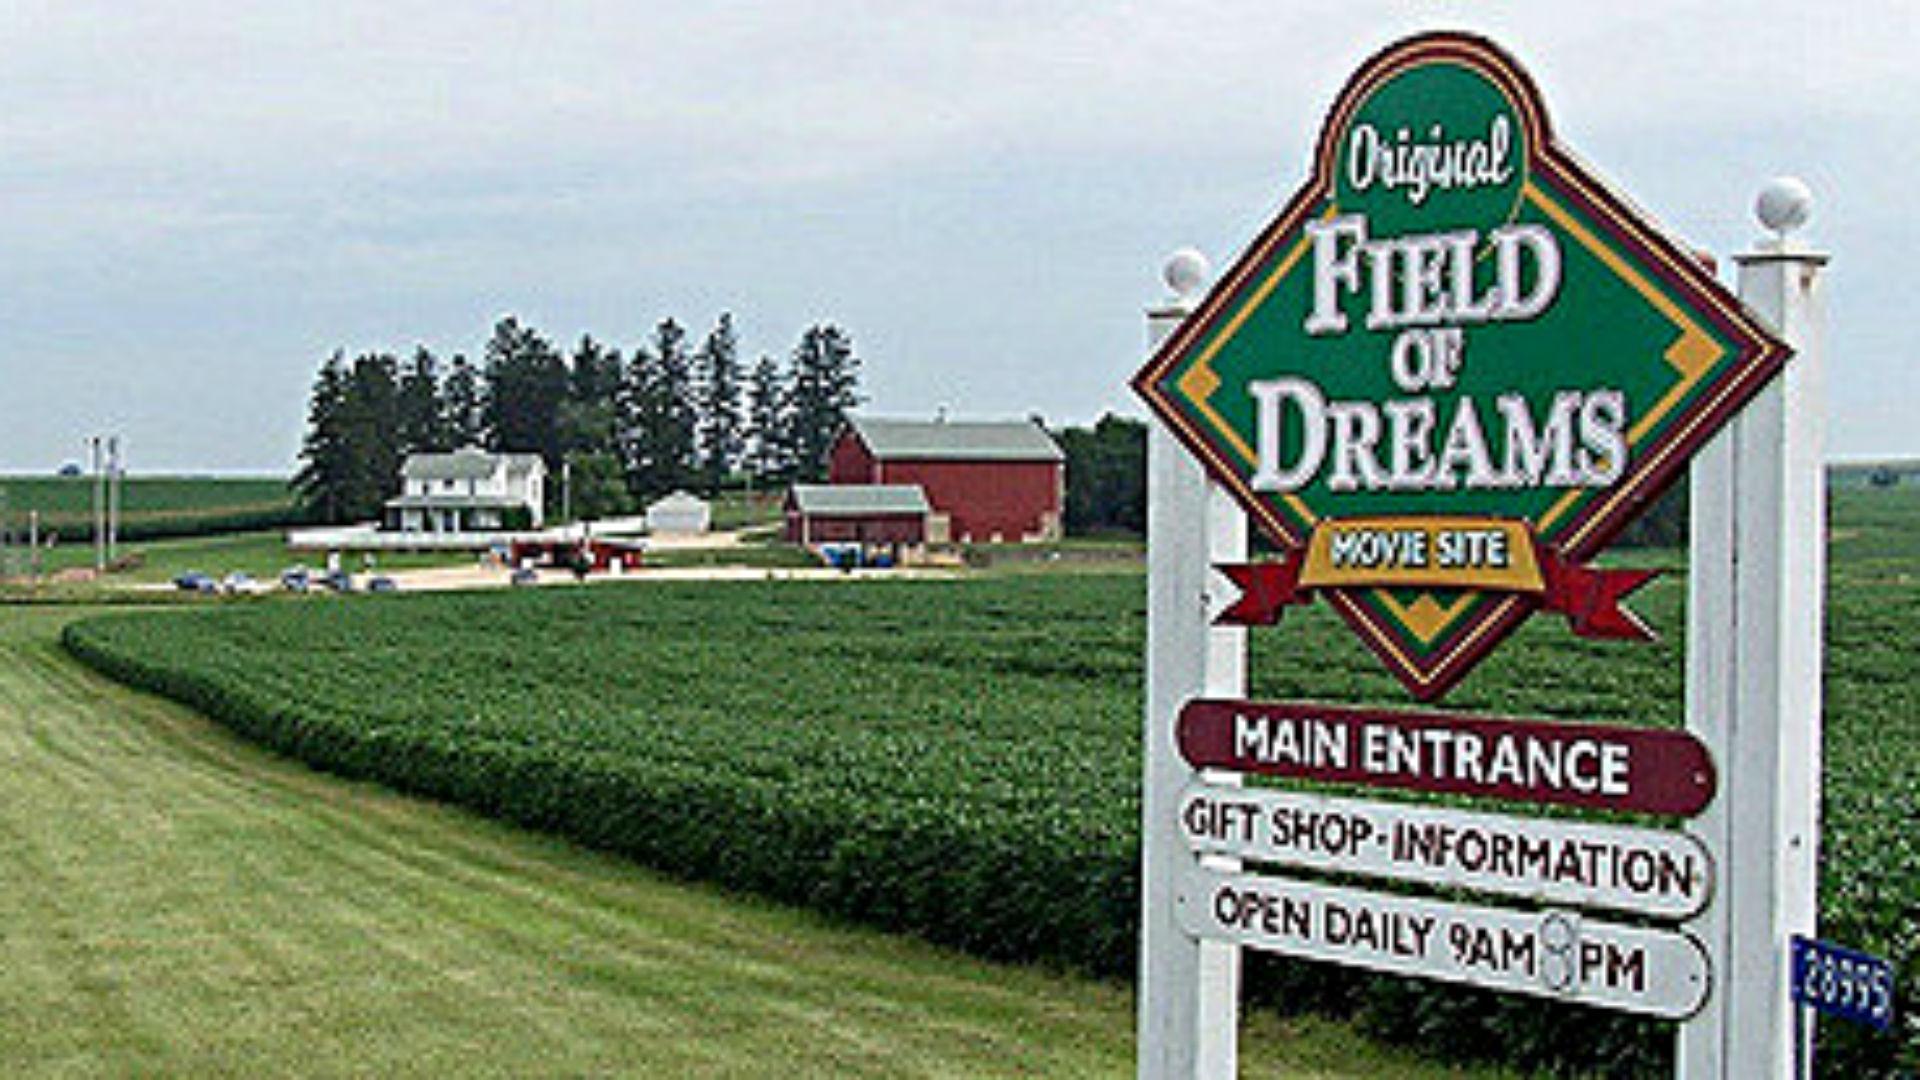 Field-of-dreams_iaoqm9vht2d01c9t5cdb7svf4